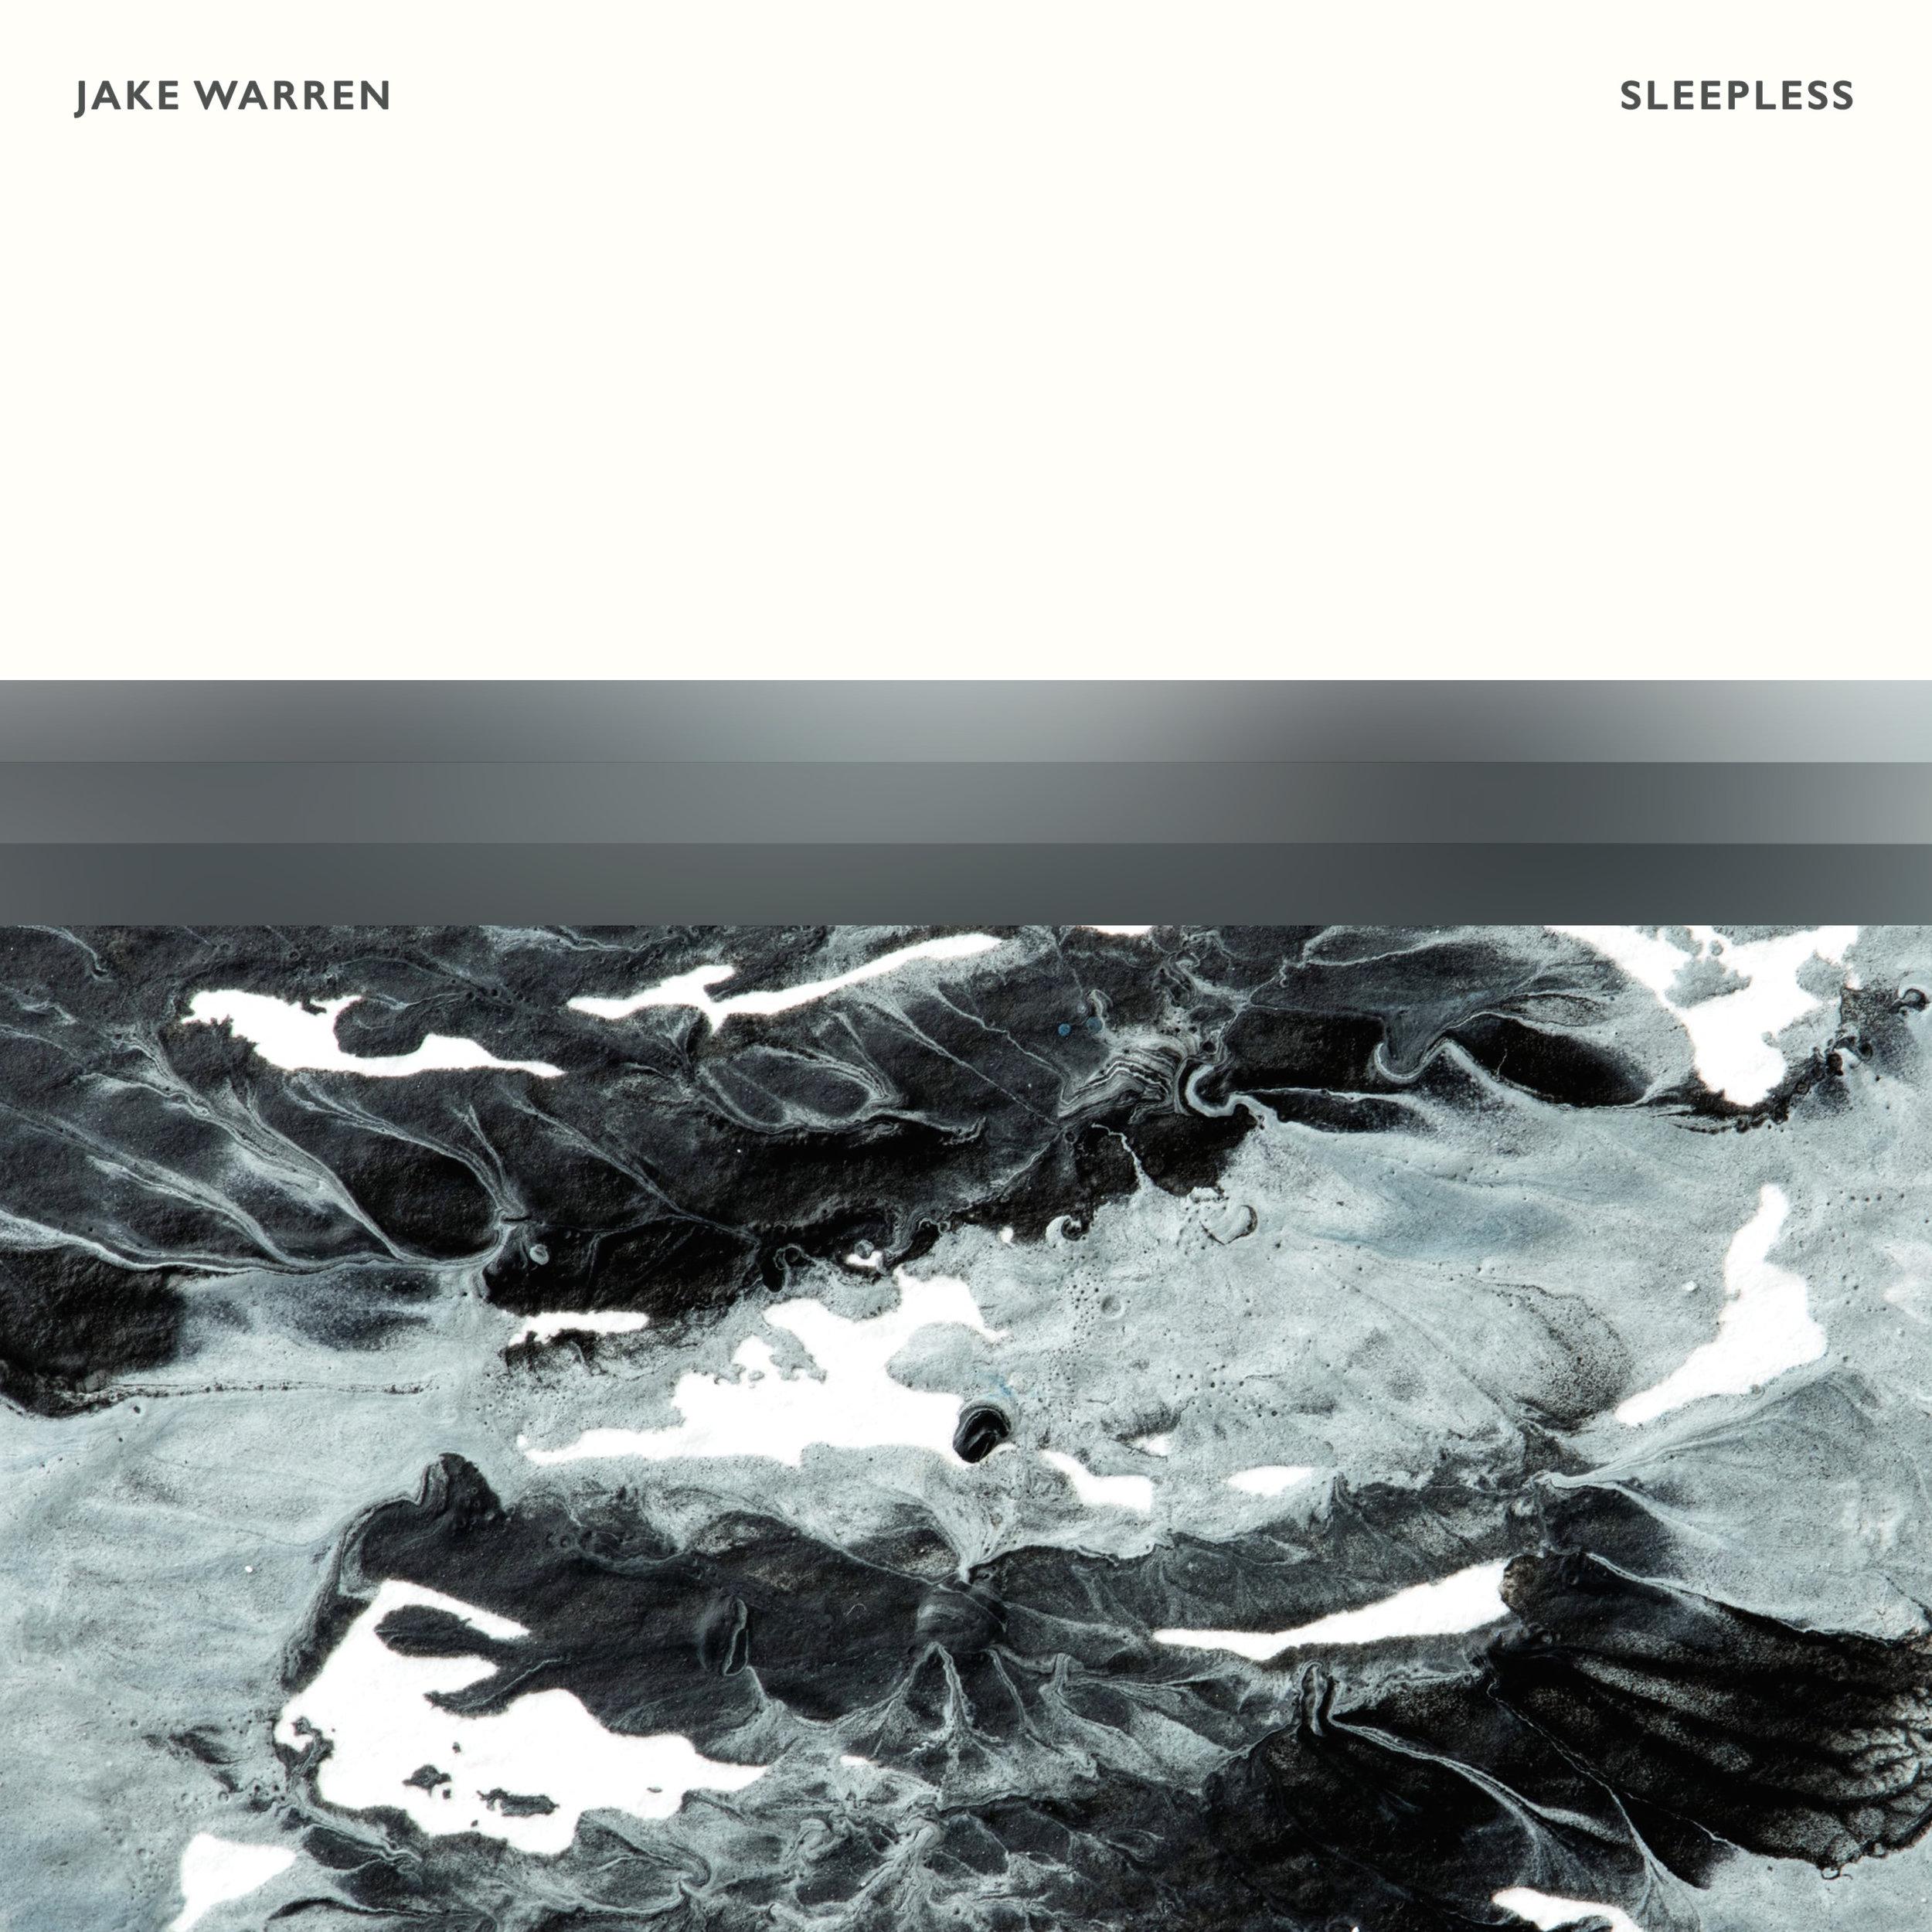 Jake Warren - Sleepless